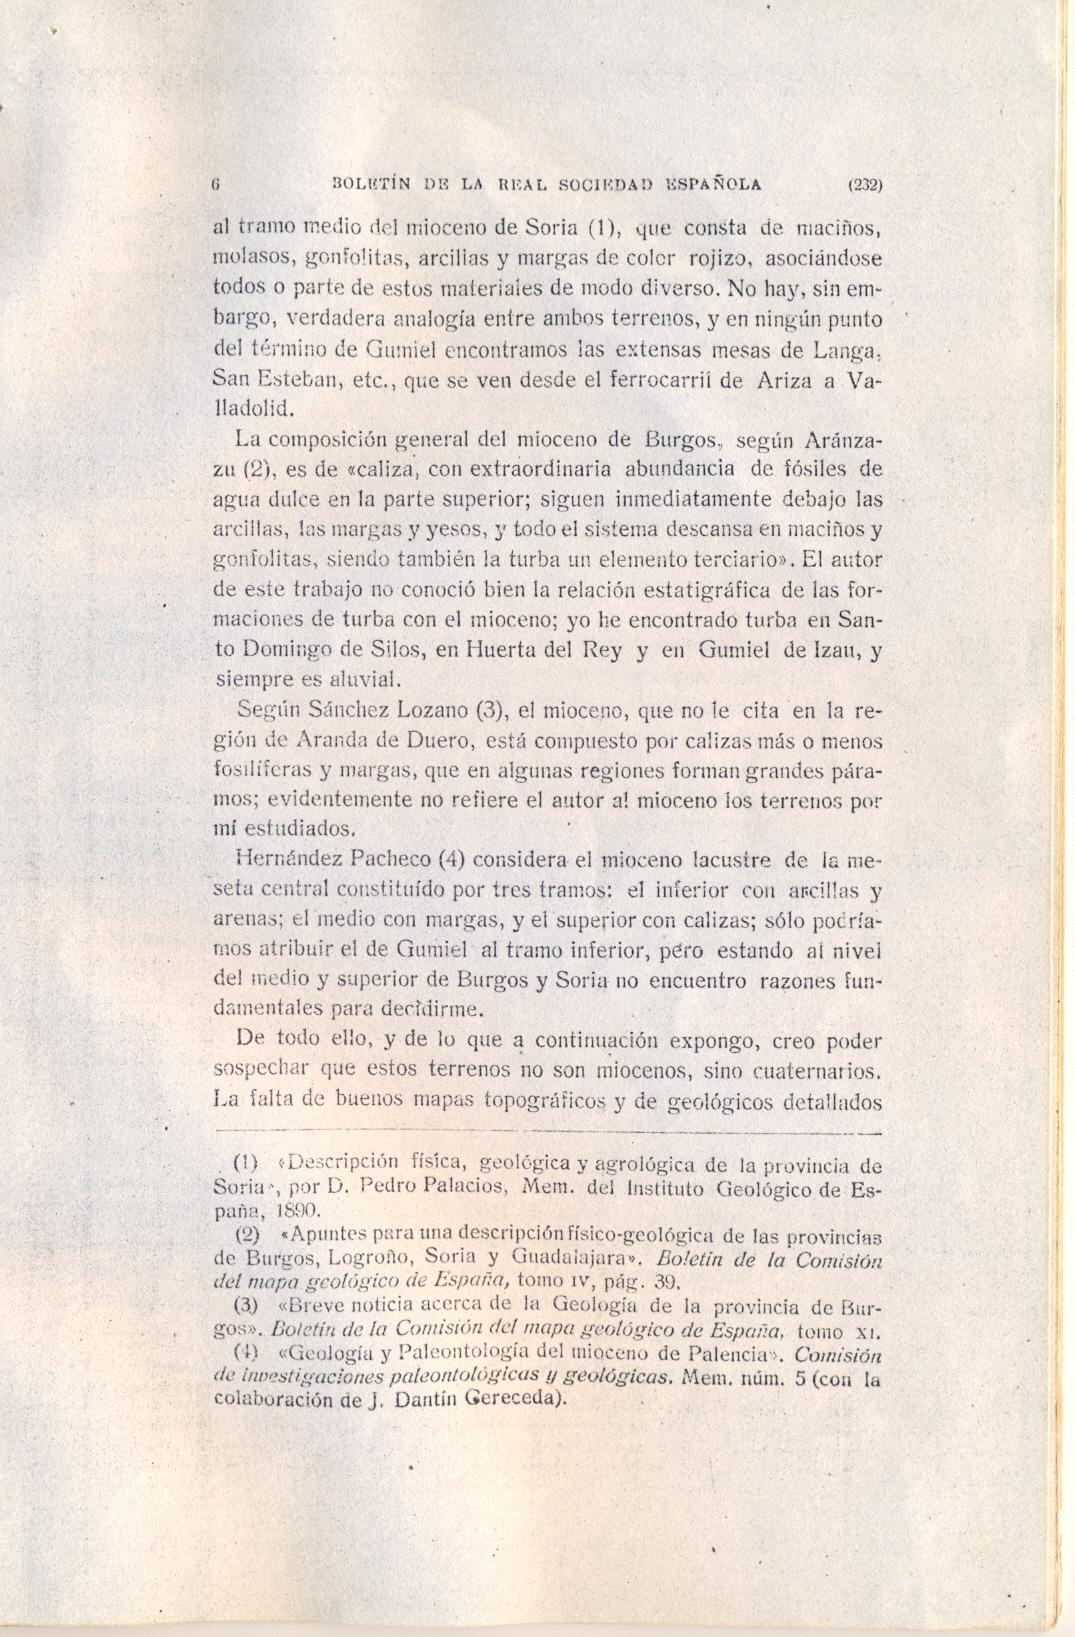 imagen de la página 6